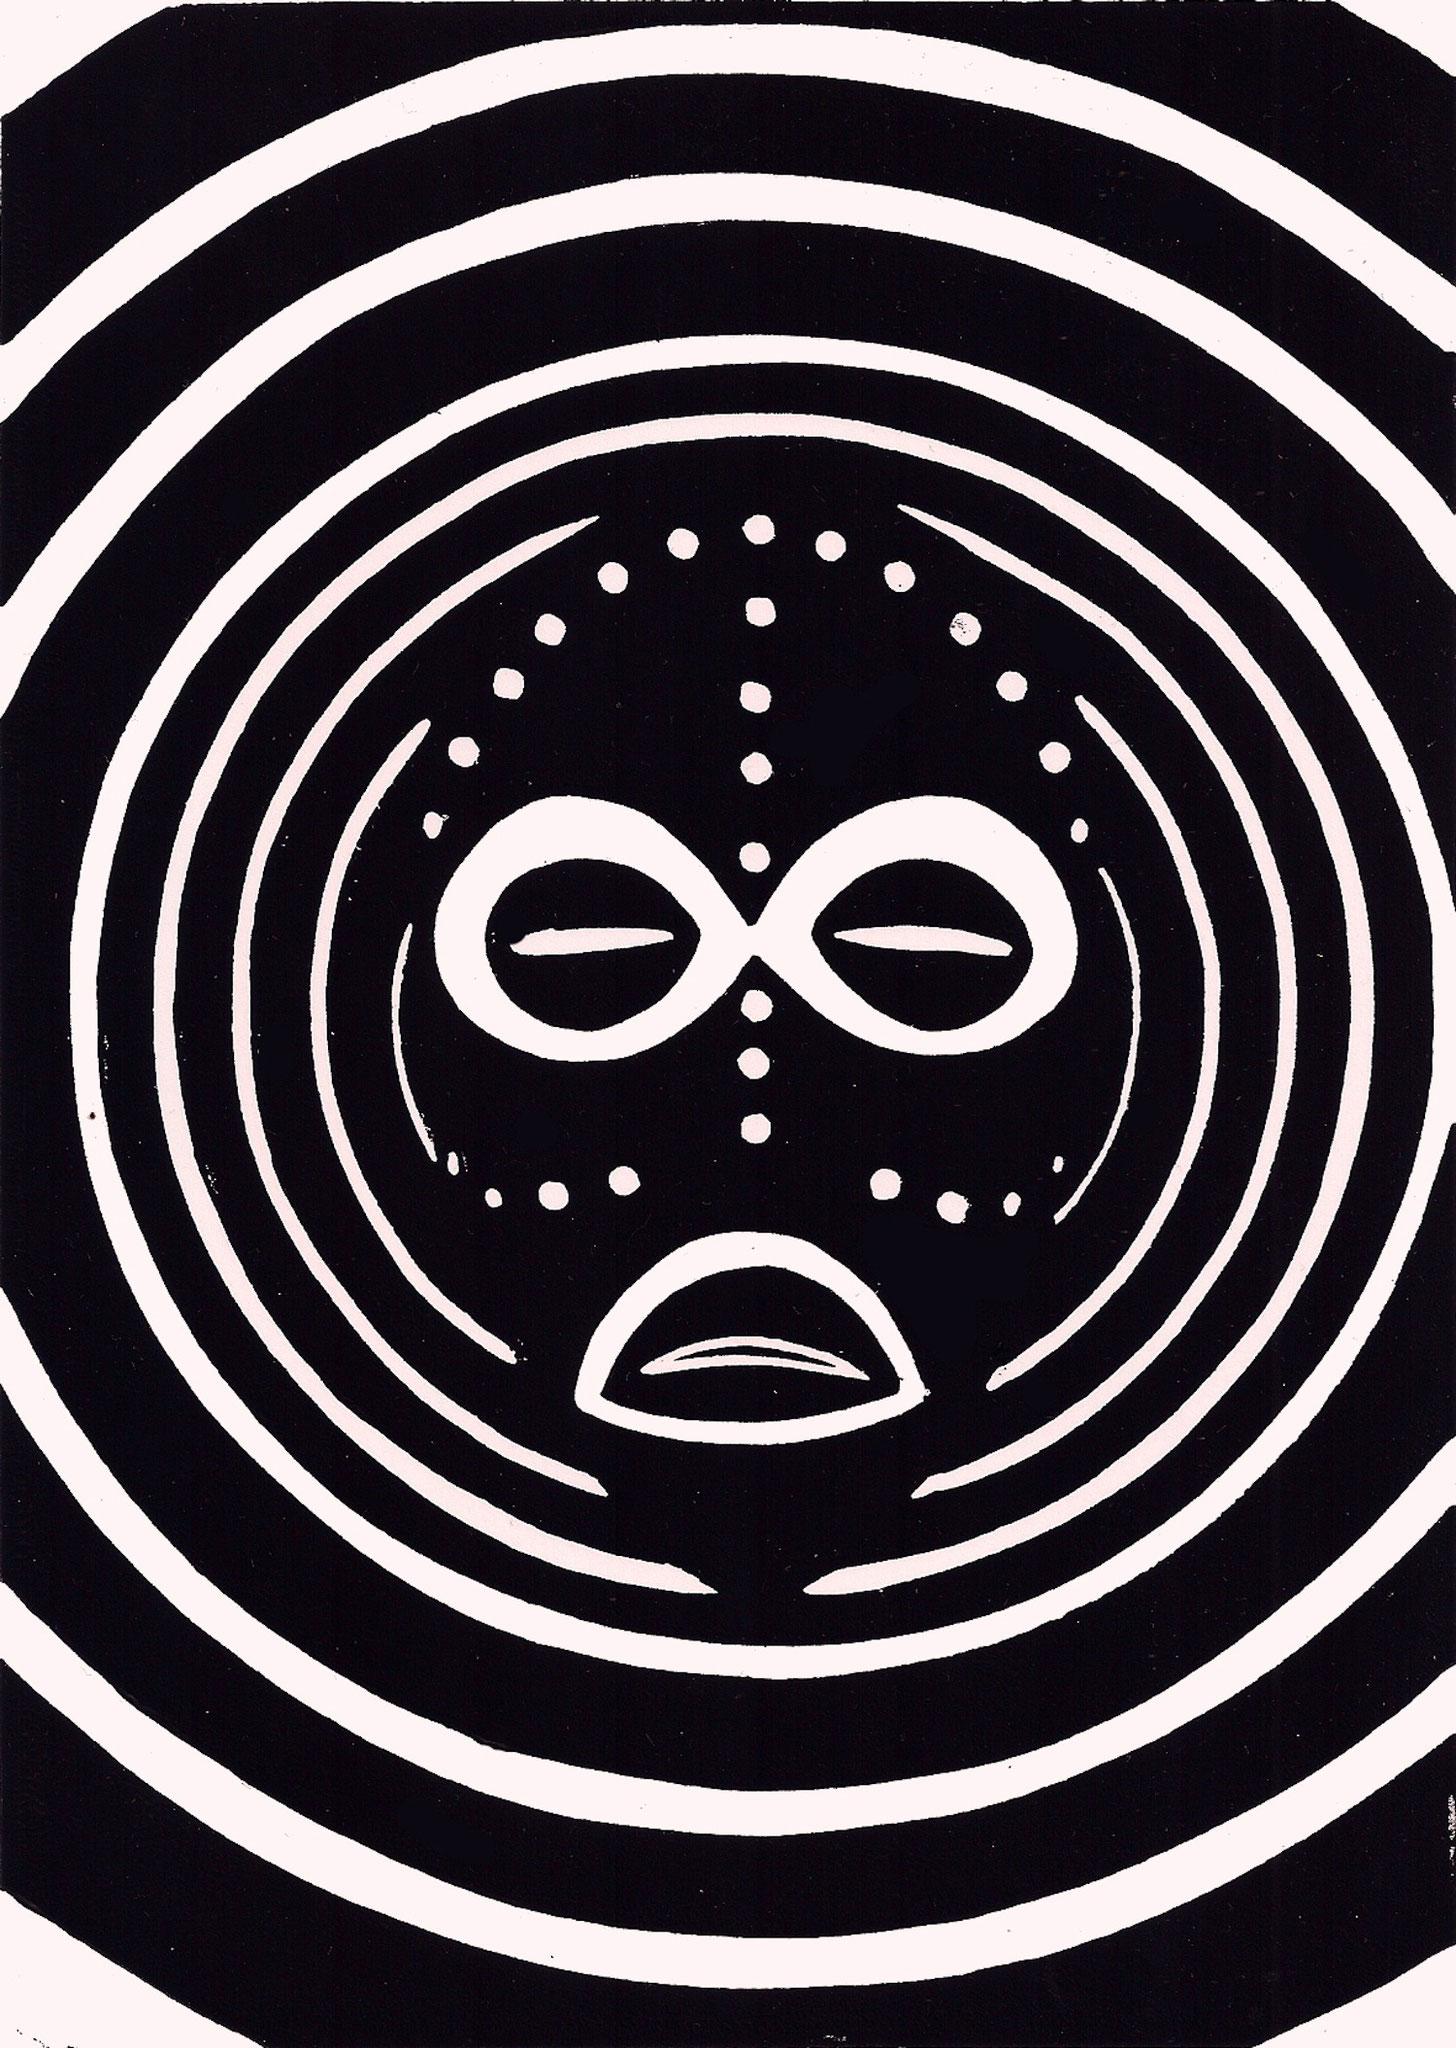 Westafrikanische Maske, 09/01/2018, Edition 5, A5